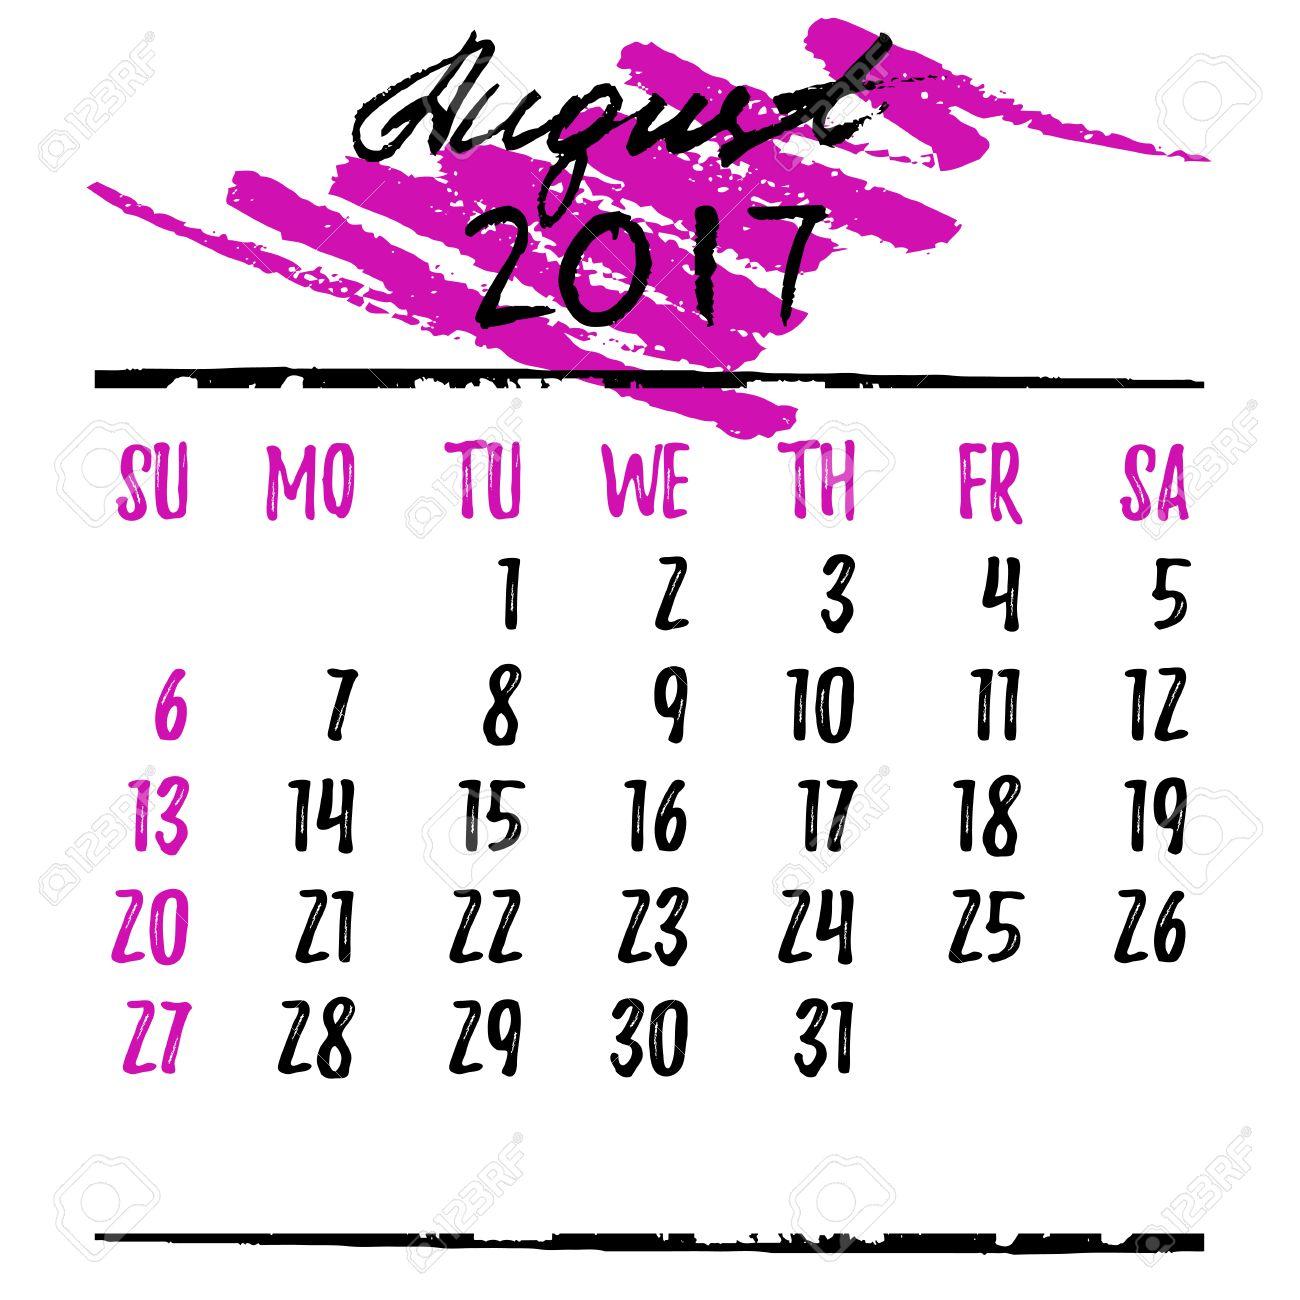 Holydays clipart calendar #9